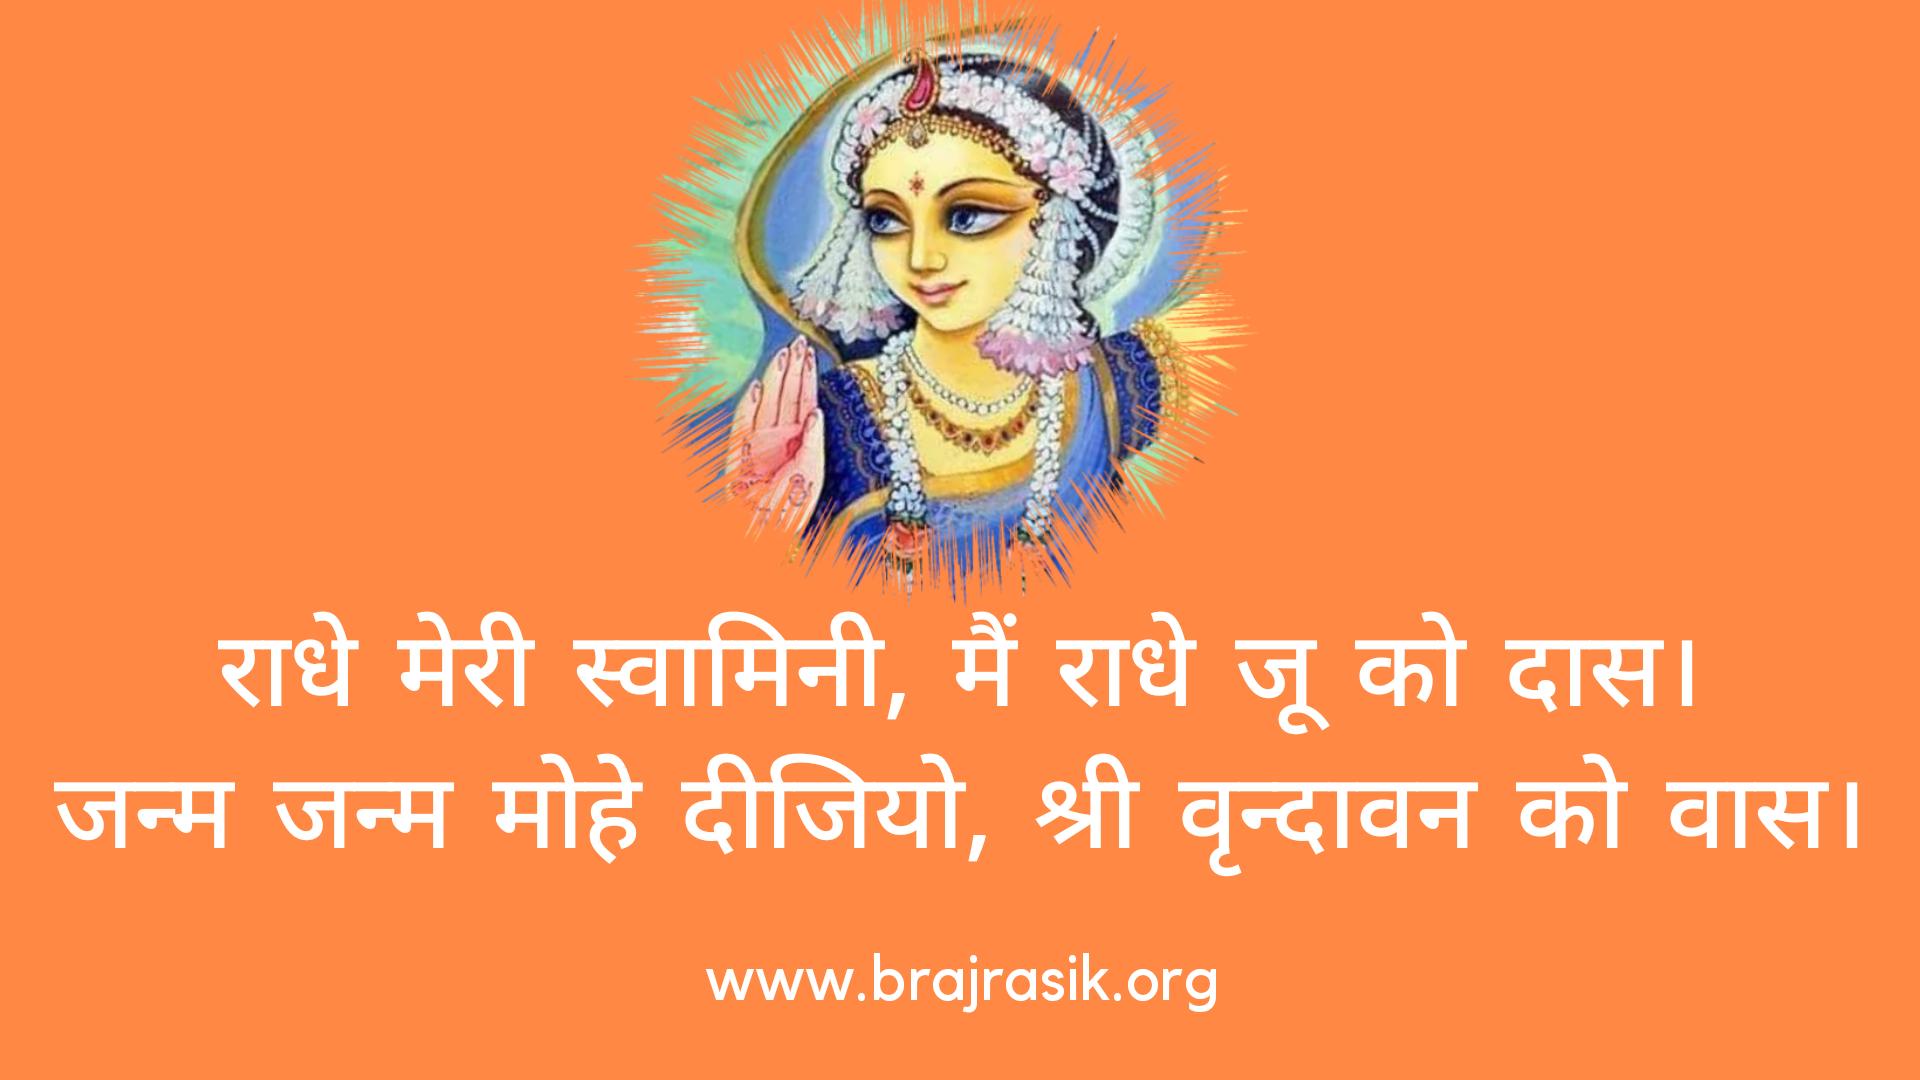 Shri Radhey Meri Swamini, Main Radhe Ju Ko Das